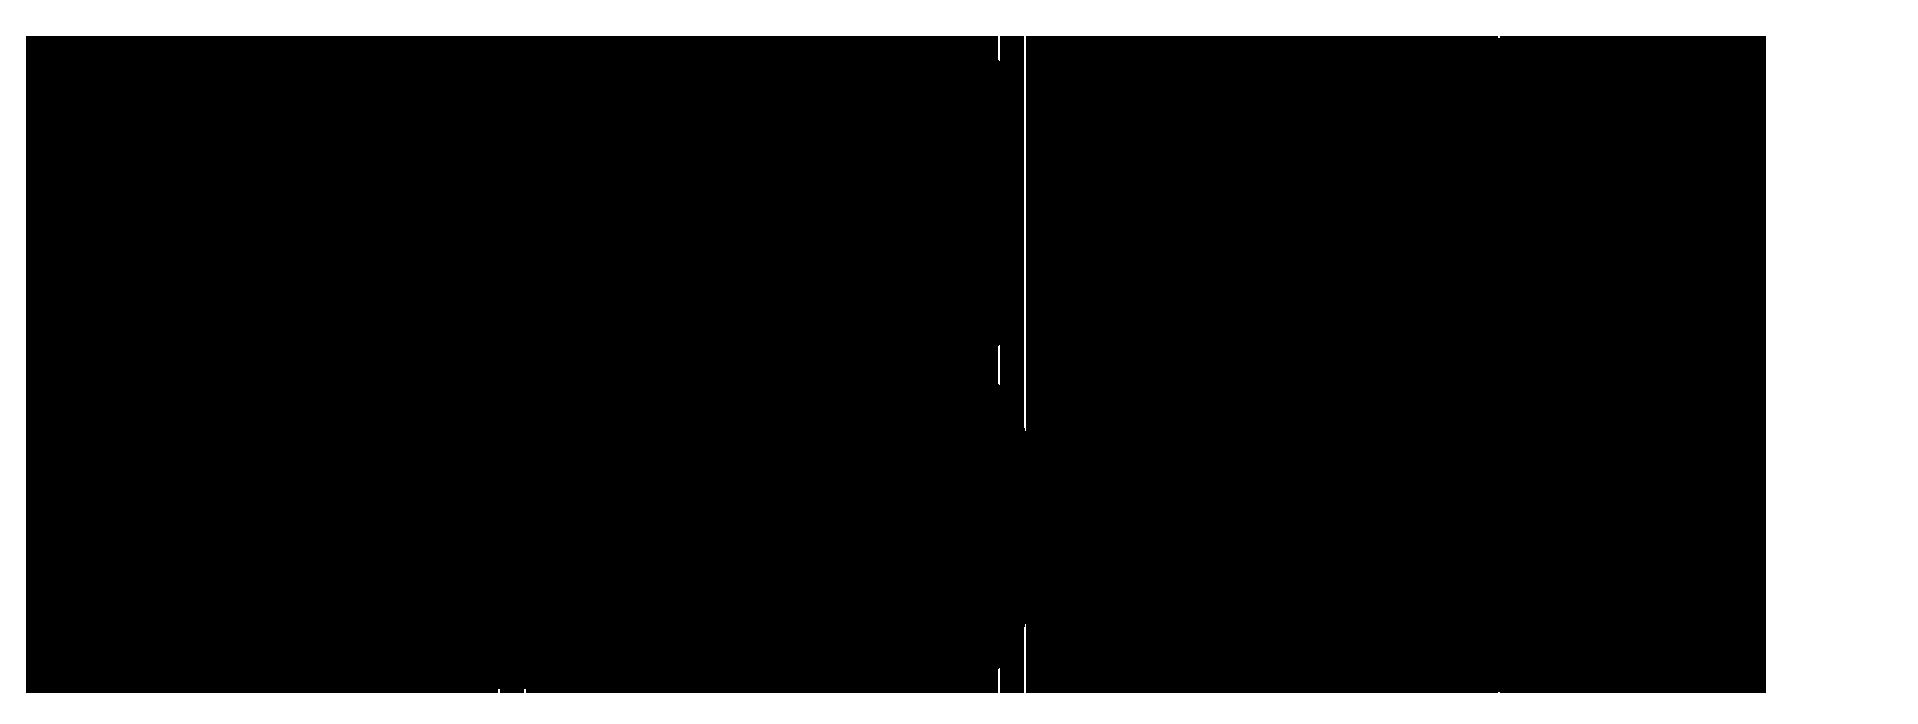 Rebag_Logo_RGB_Black-246.png